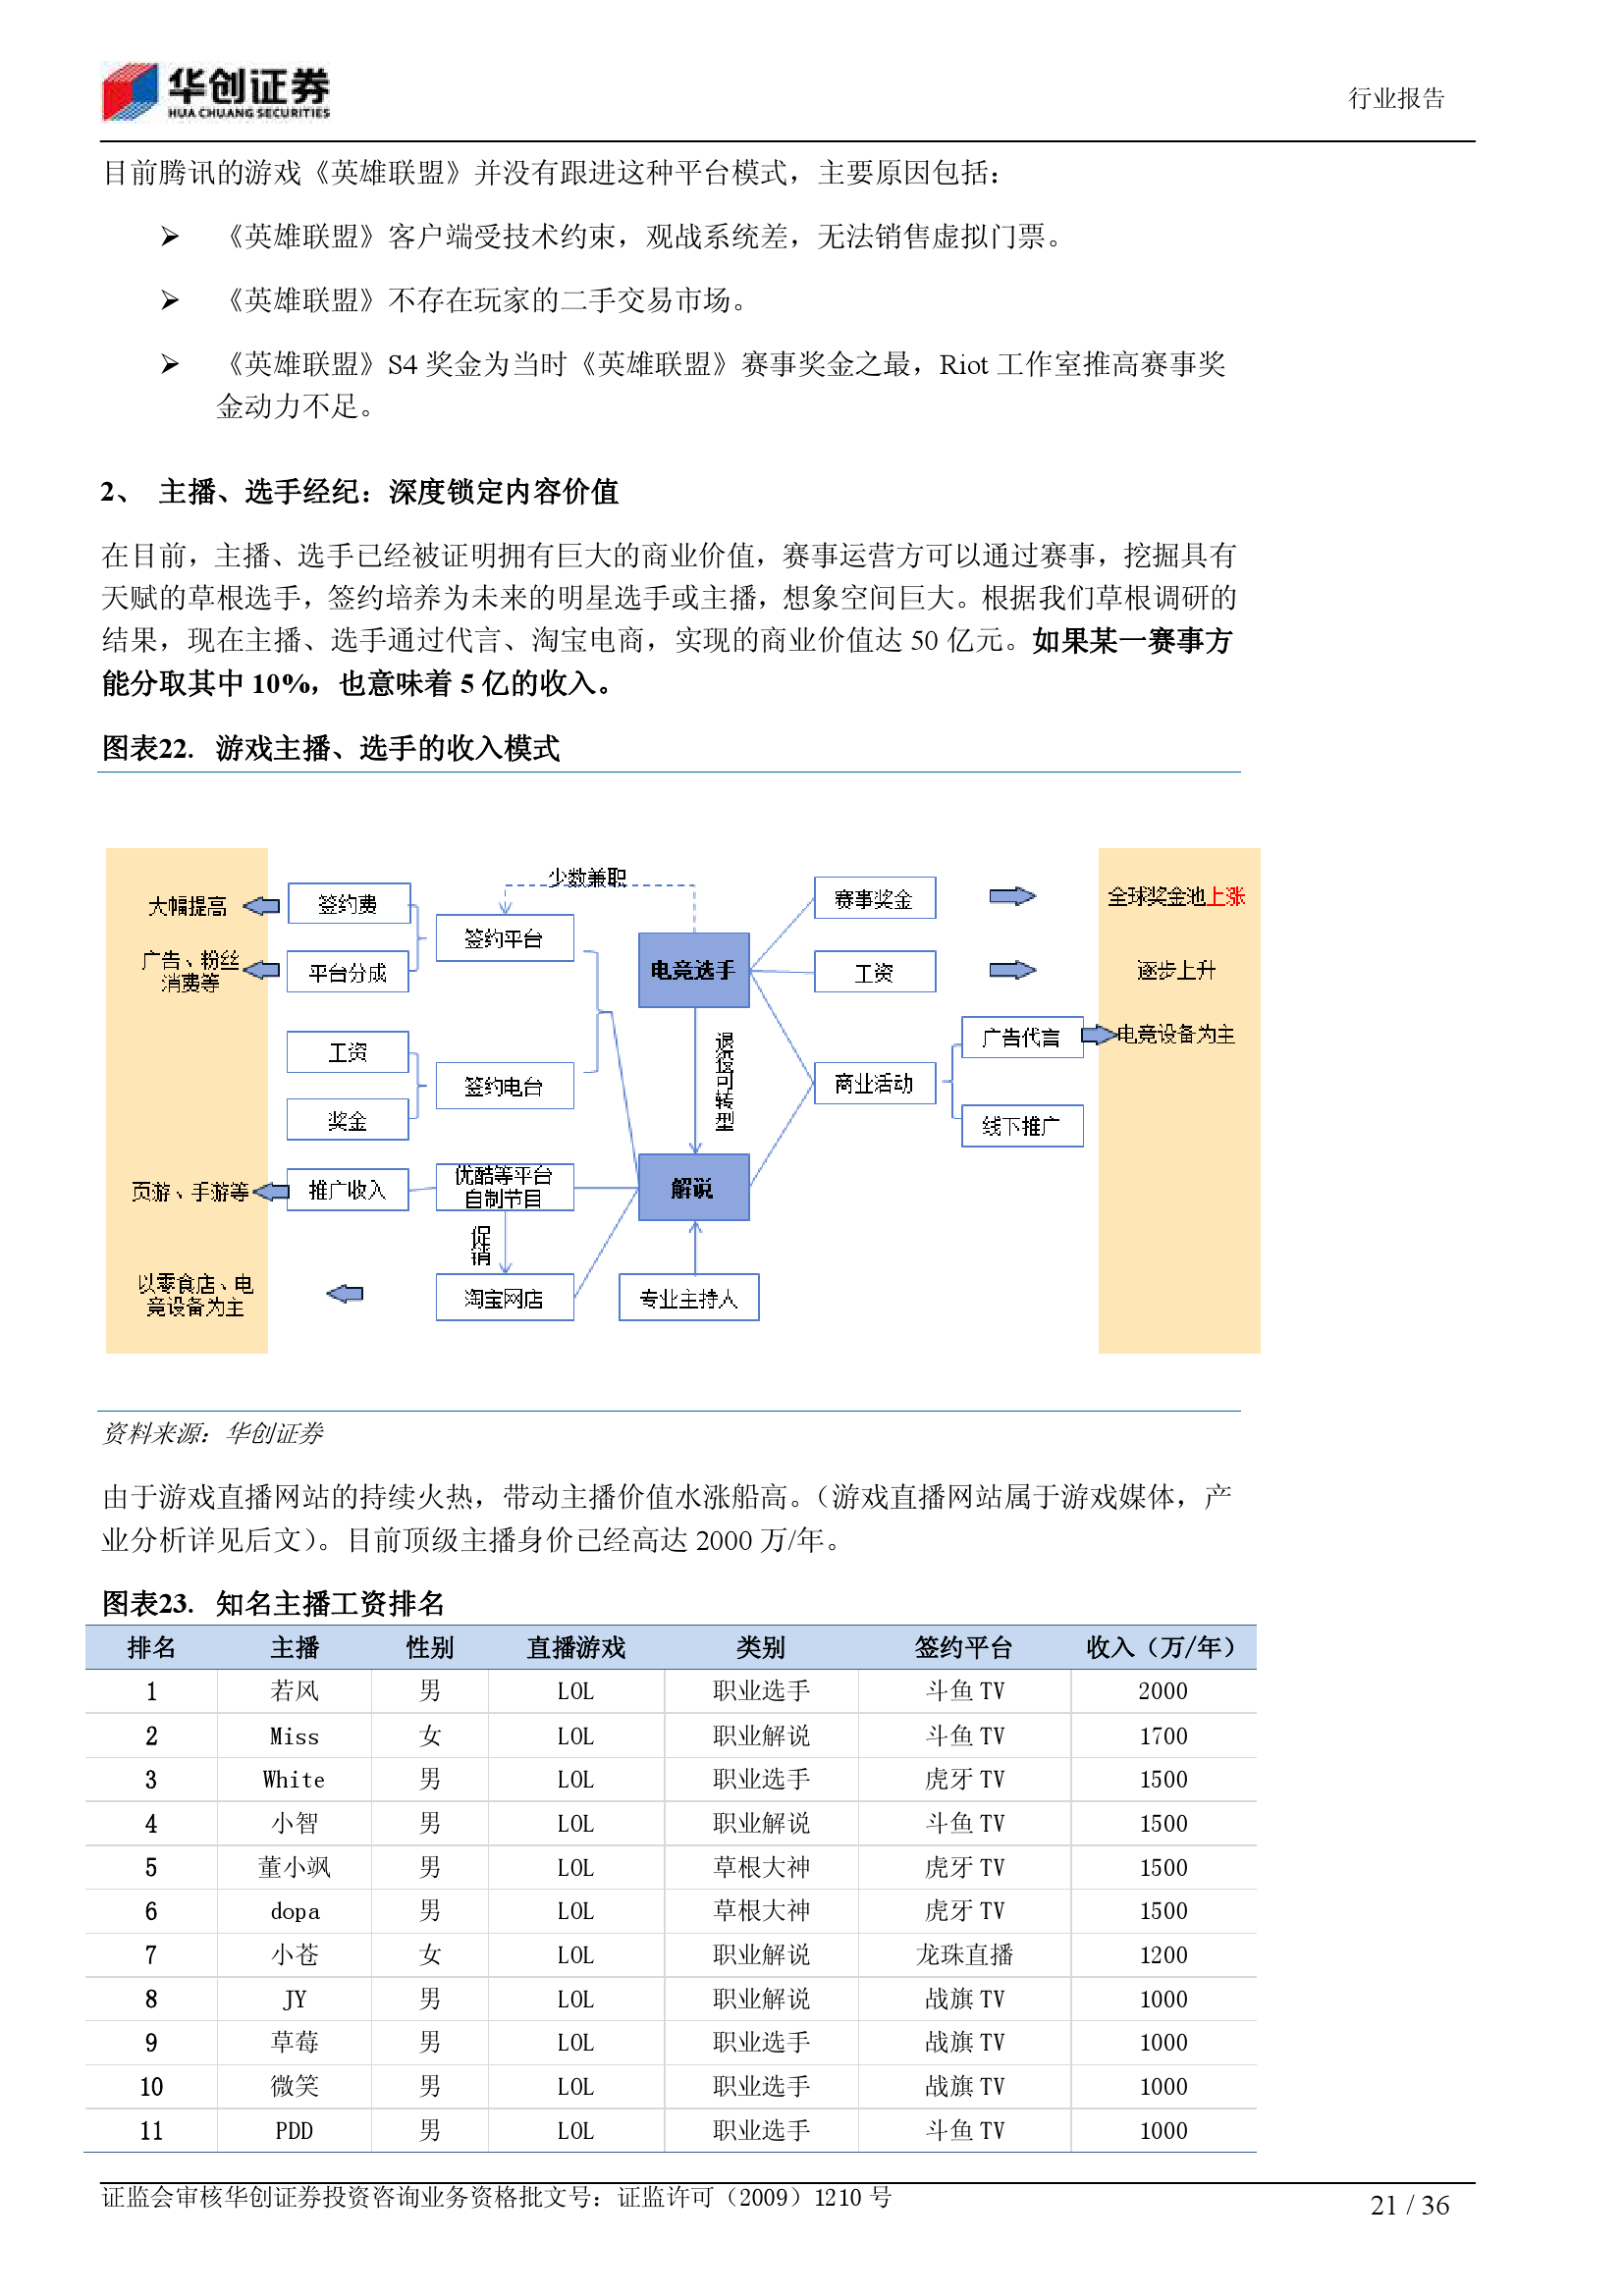 电子竞技深度报告:从小众娱乐 到千亿产业_000021